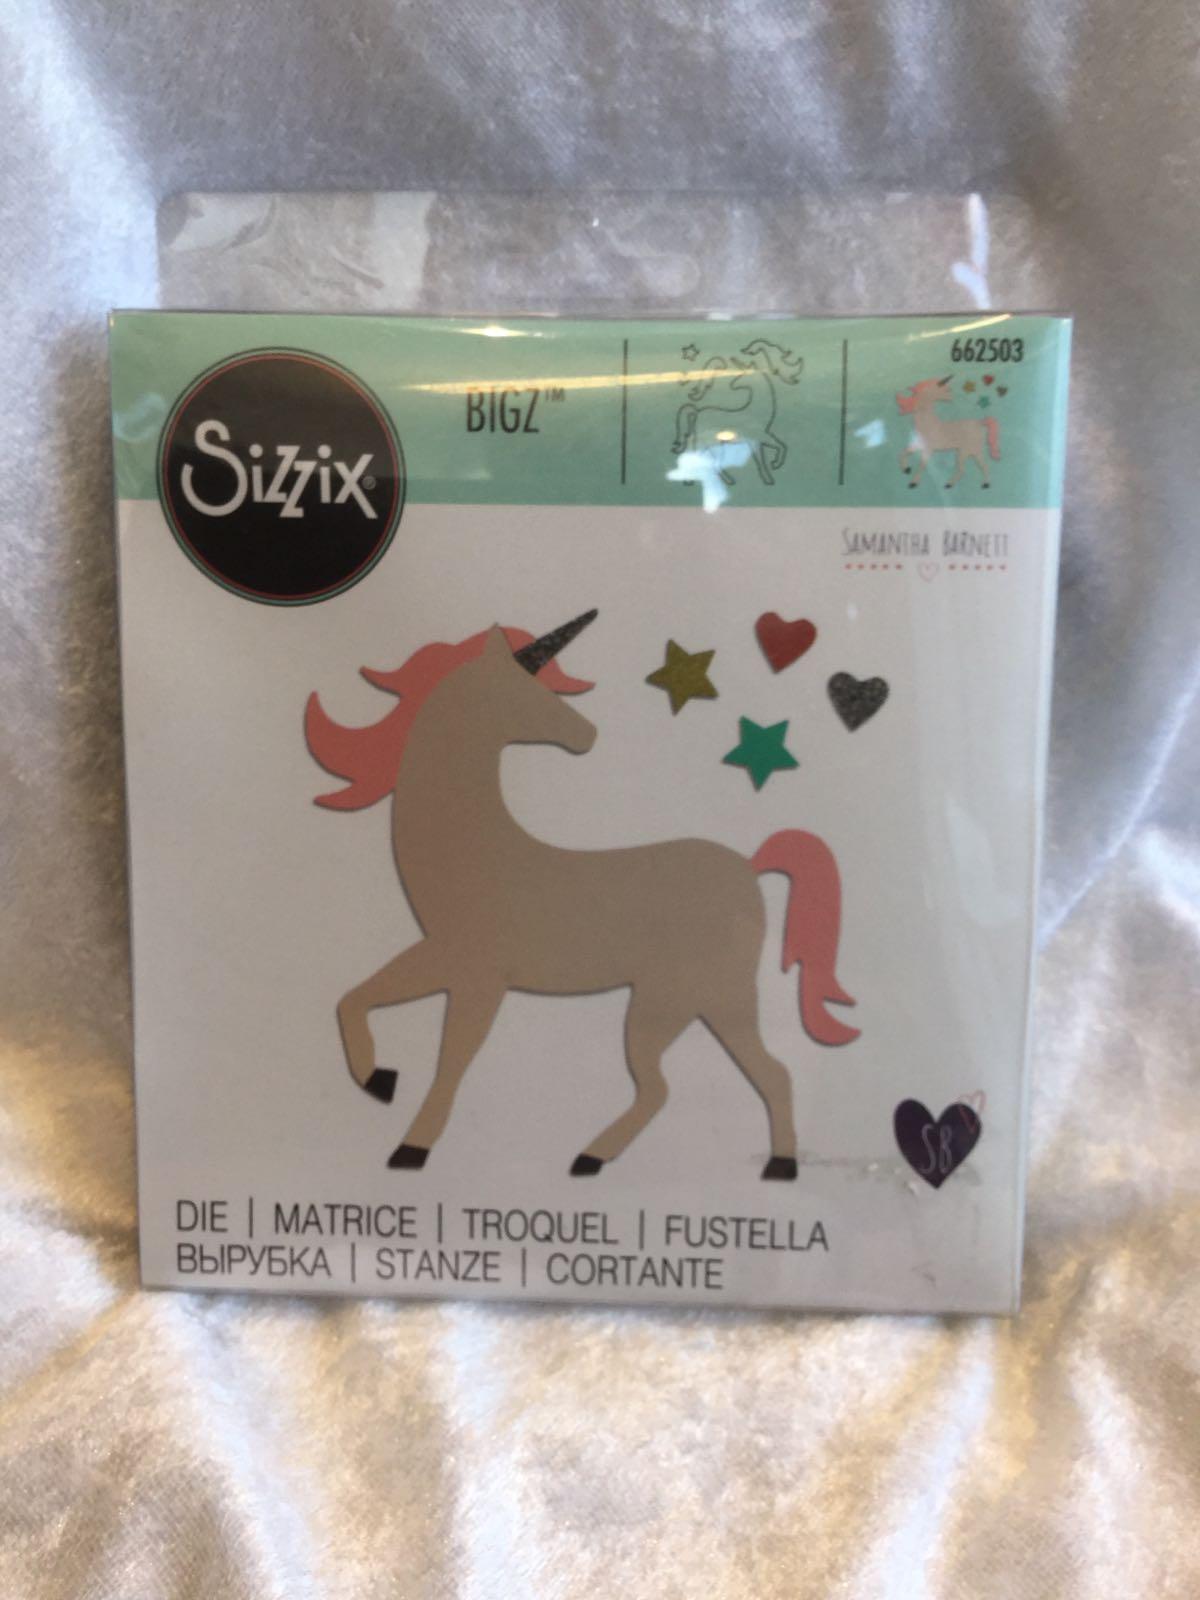 Sizzix Bigz 662503 Unicorn die